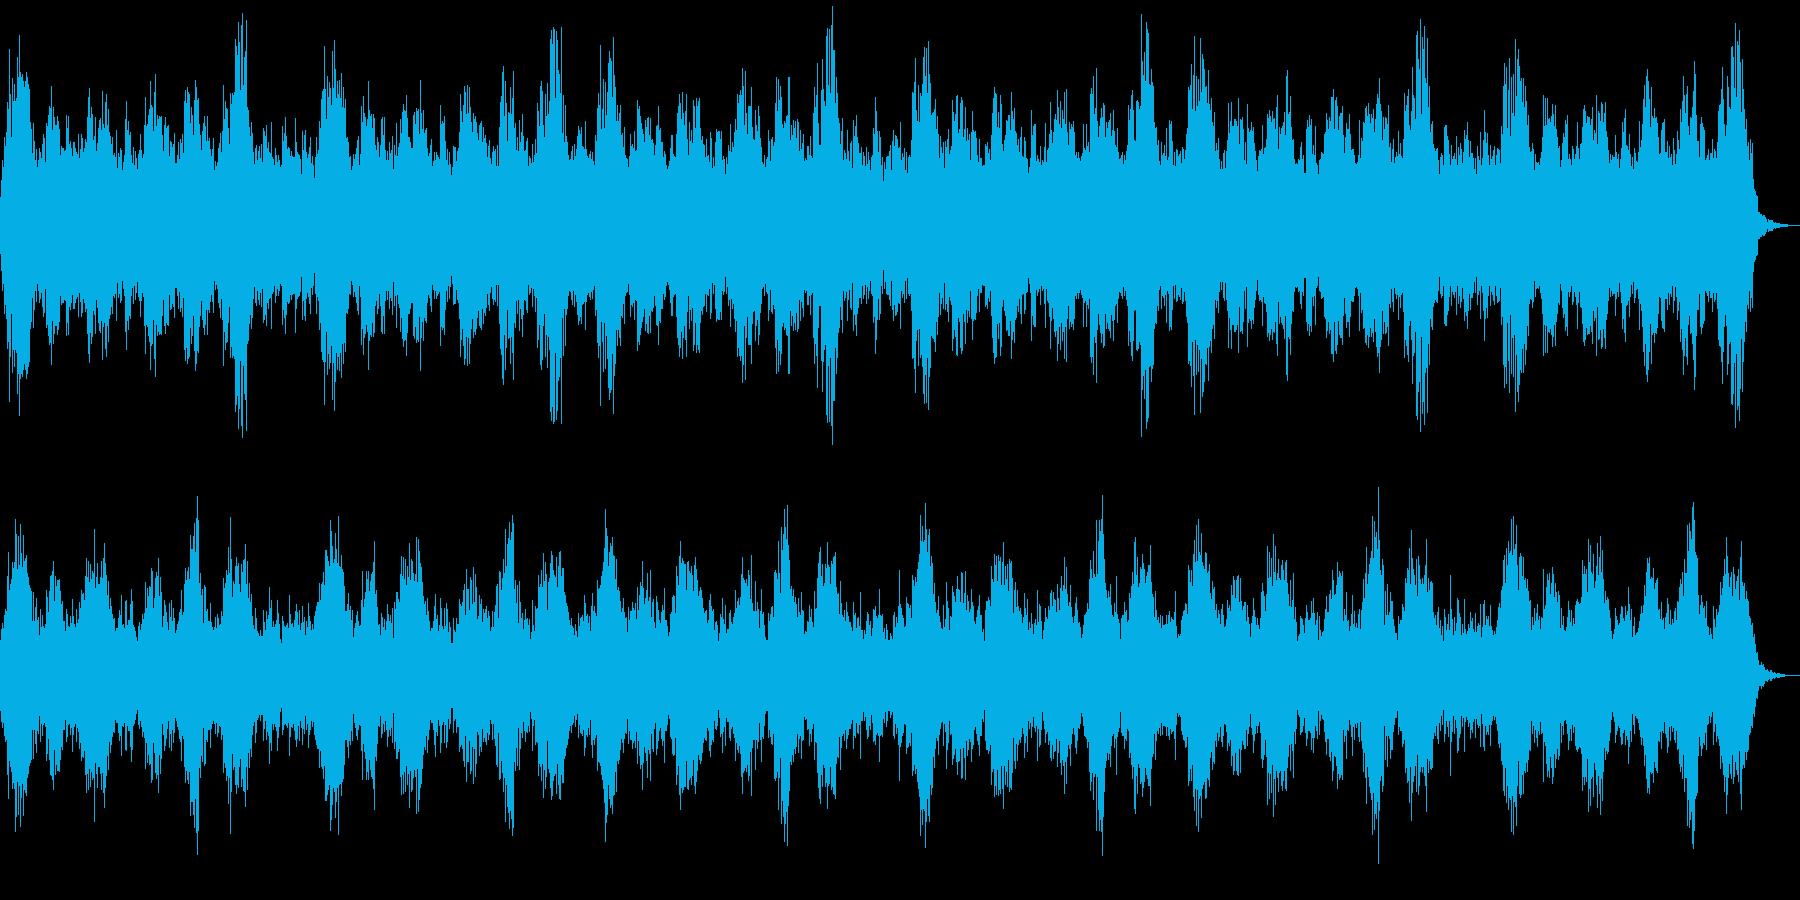 ホラーの演出 奇妙な幻惑的な背景 ハープの再生済みの波形